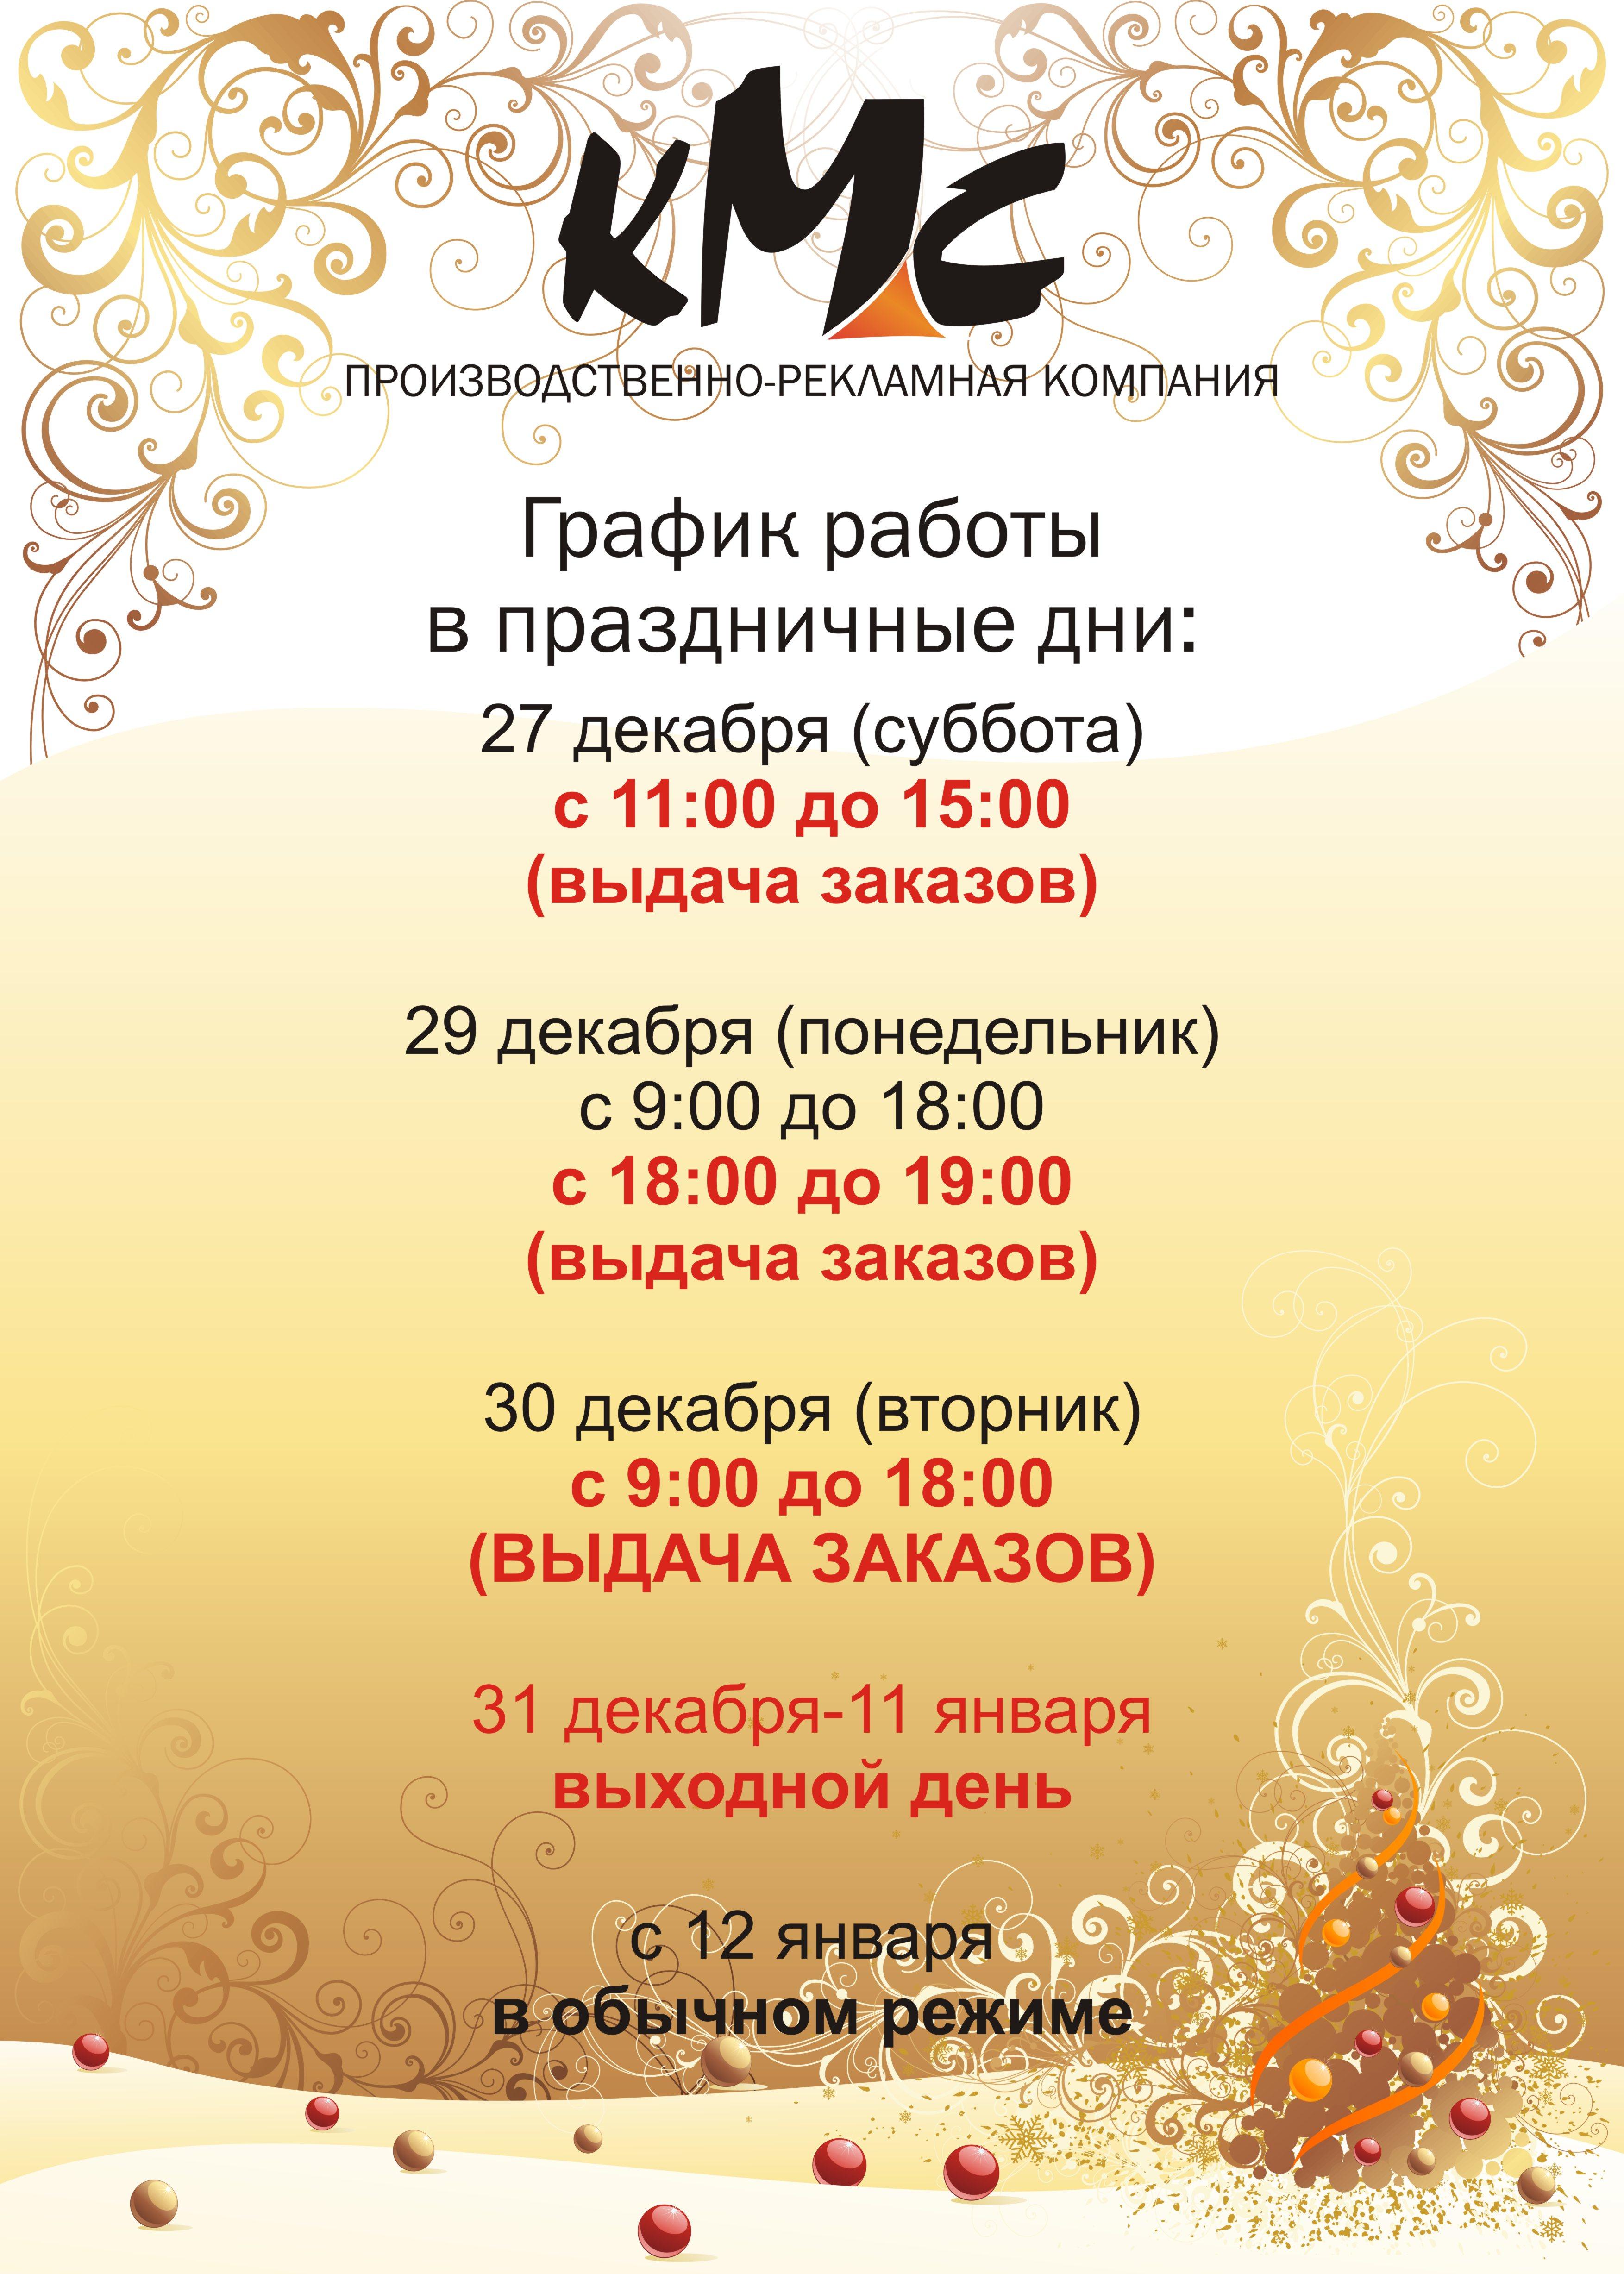 График работы в праздники, бесплатные ...: pictures11.ru/grafik-raboty-v-prazdniki.html